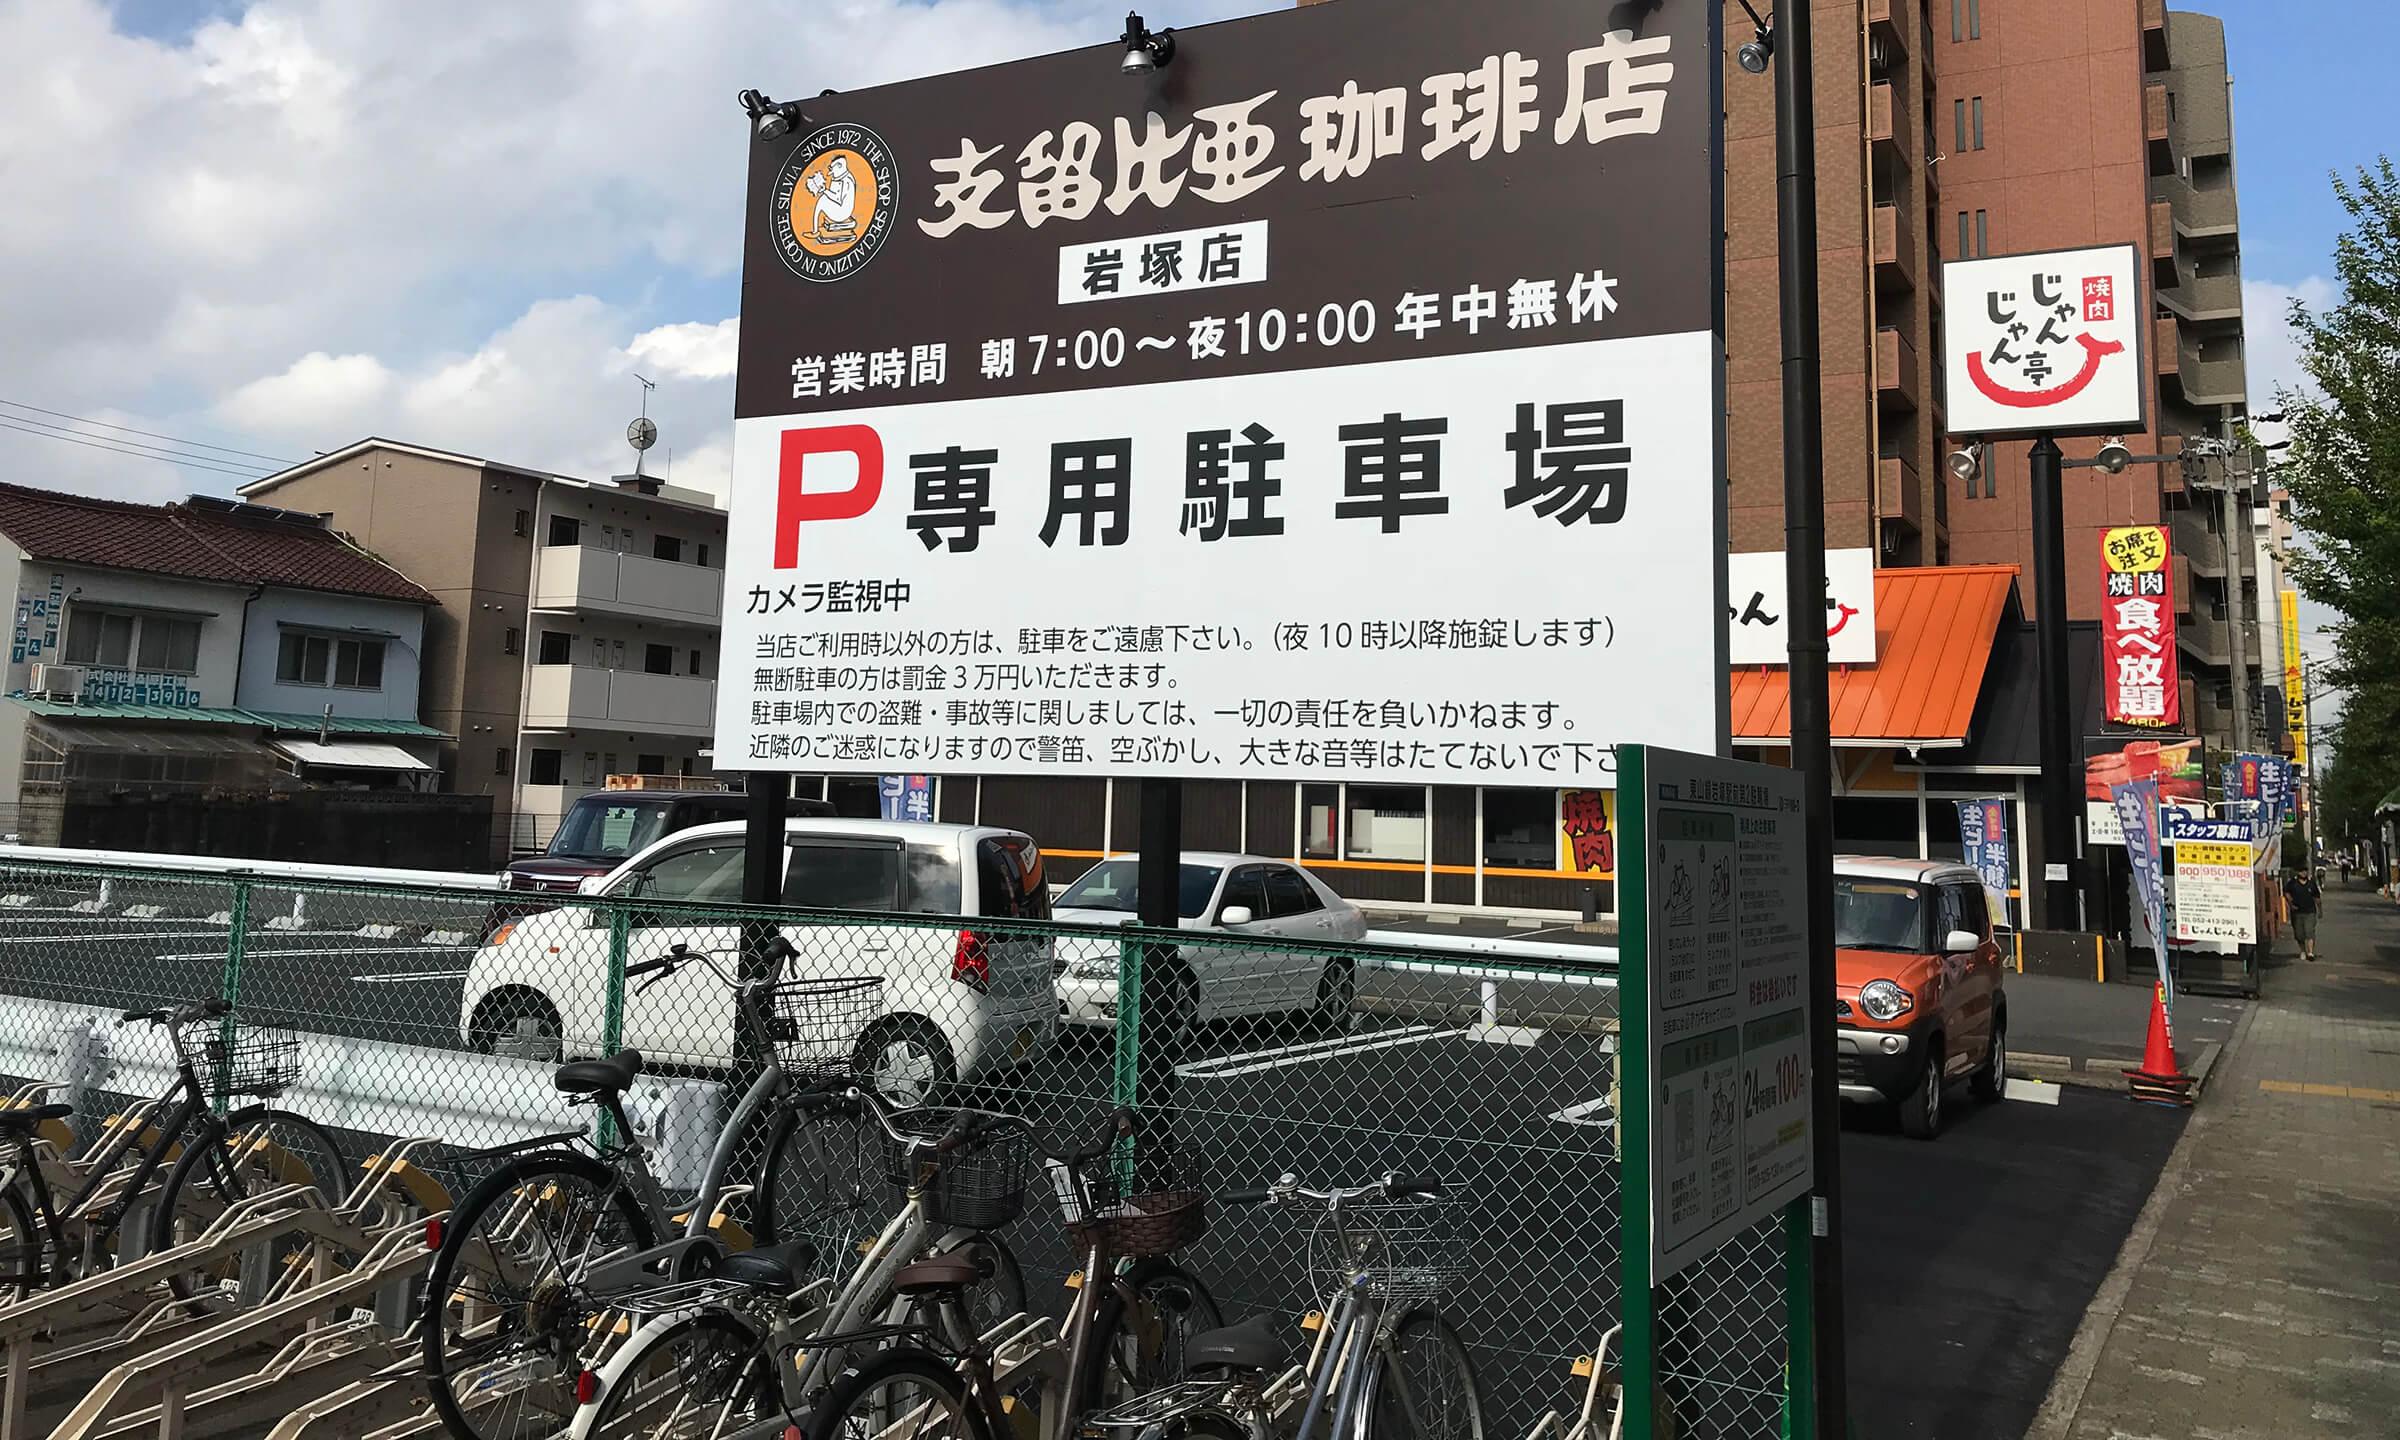 支留比亜珈琲の岩塚店駐車場の場所